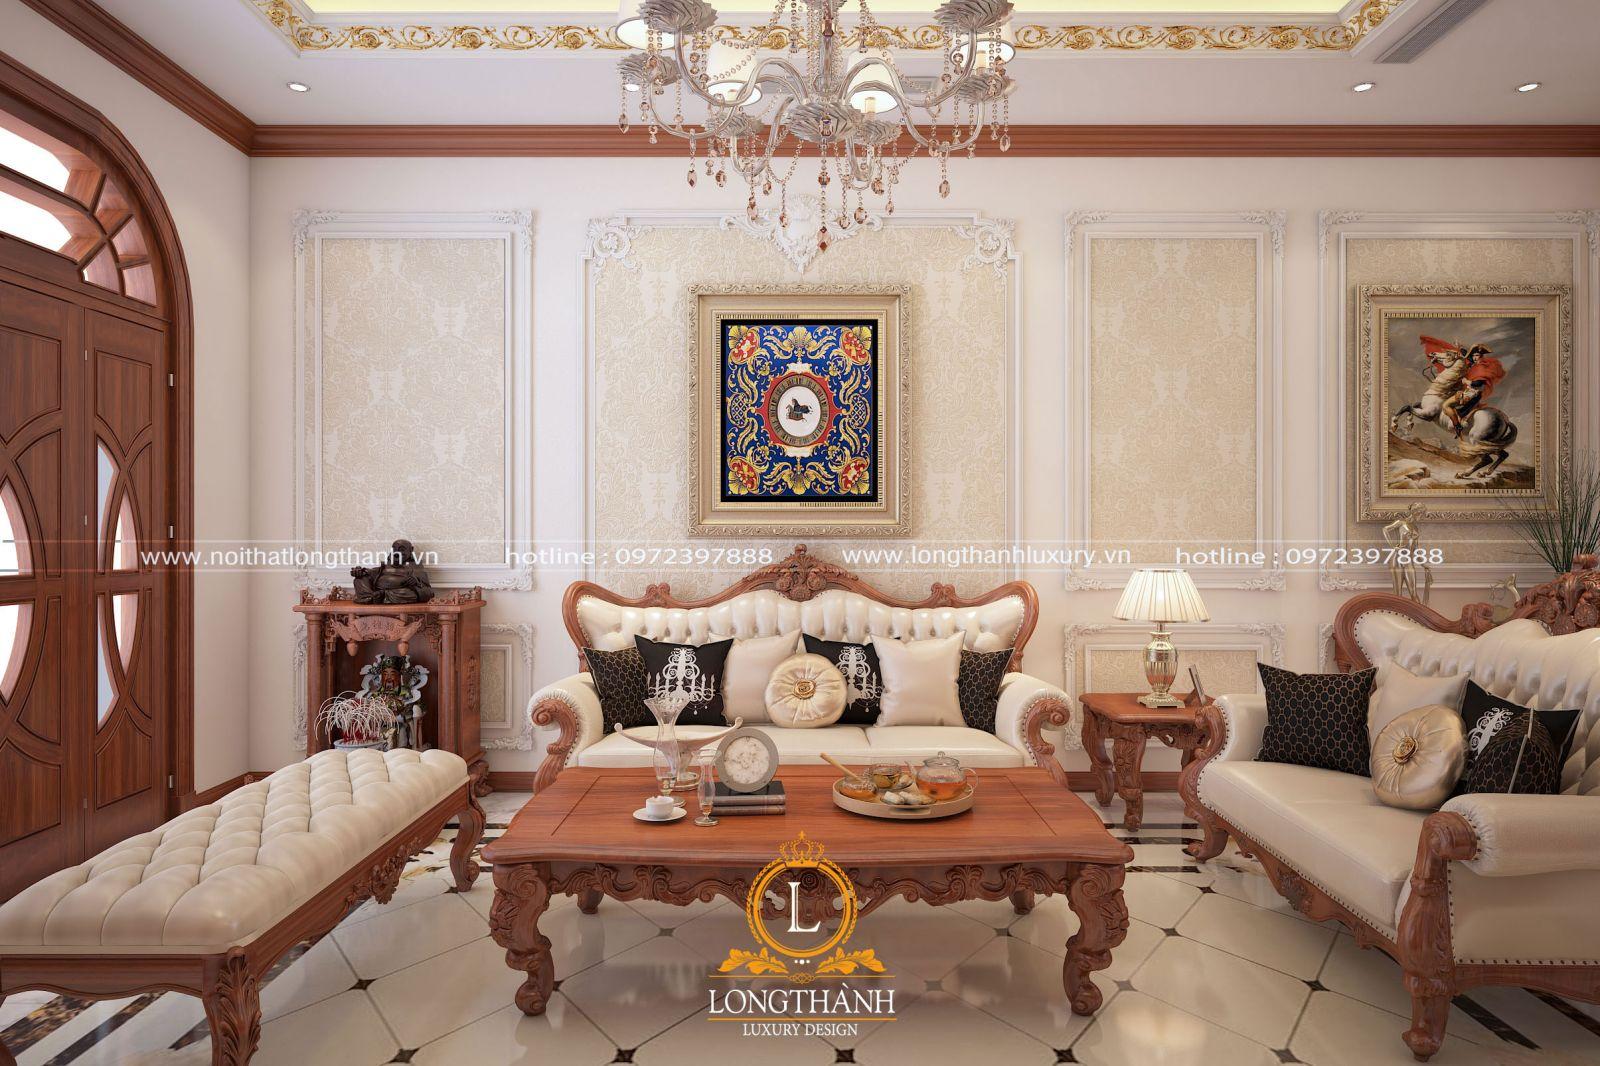 Nội thất phòng khách tân cổ điển nhà phố với chất liệu cao cấp